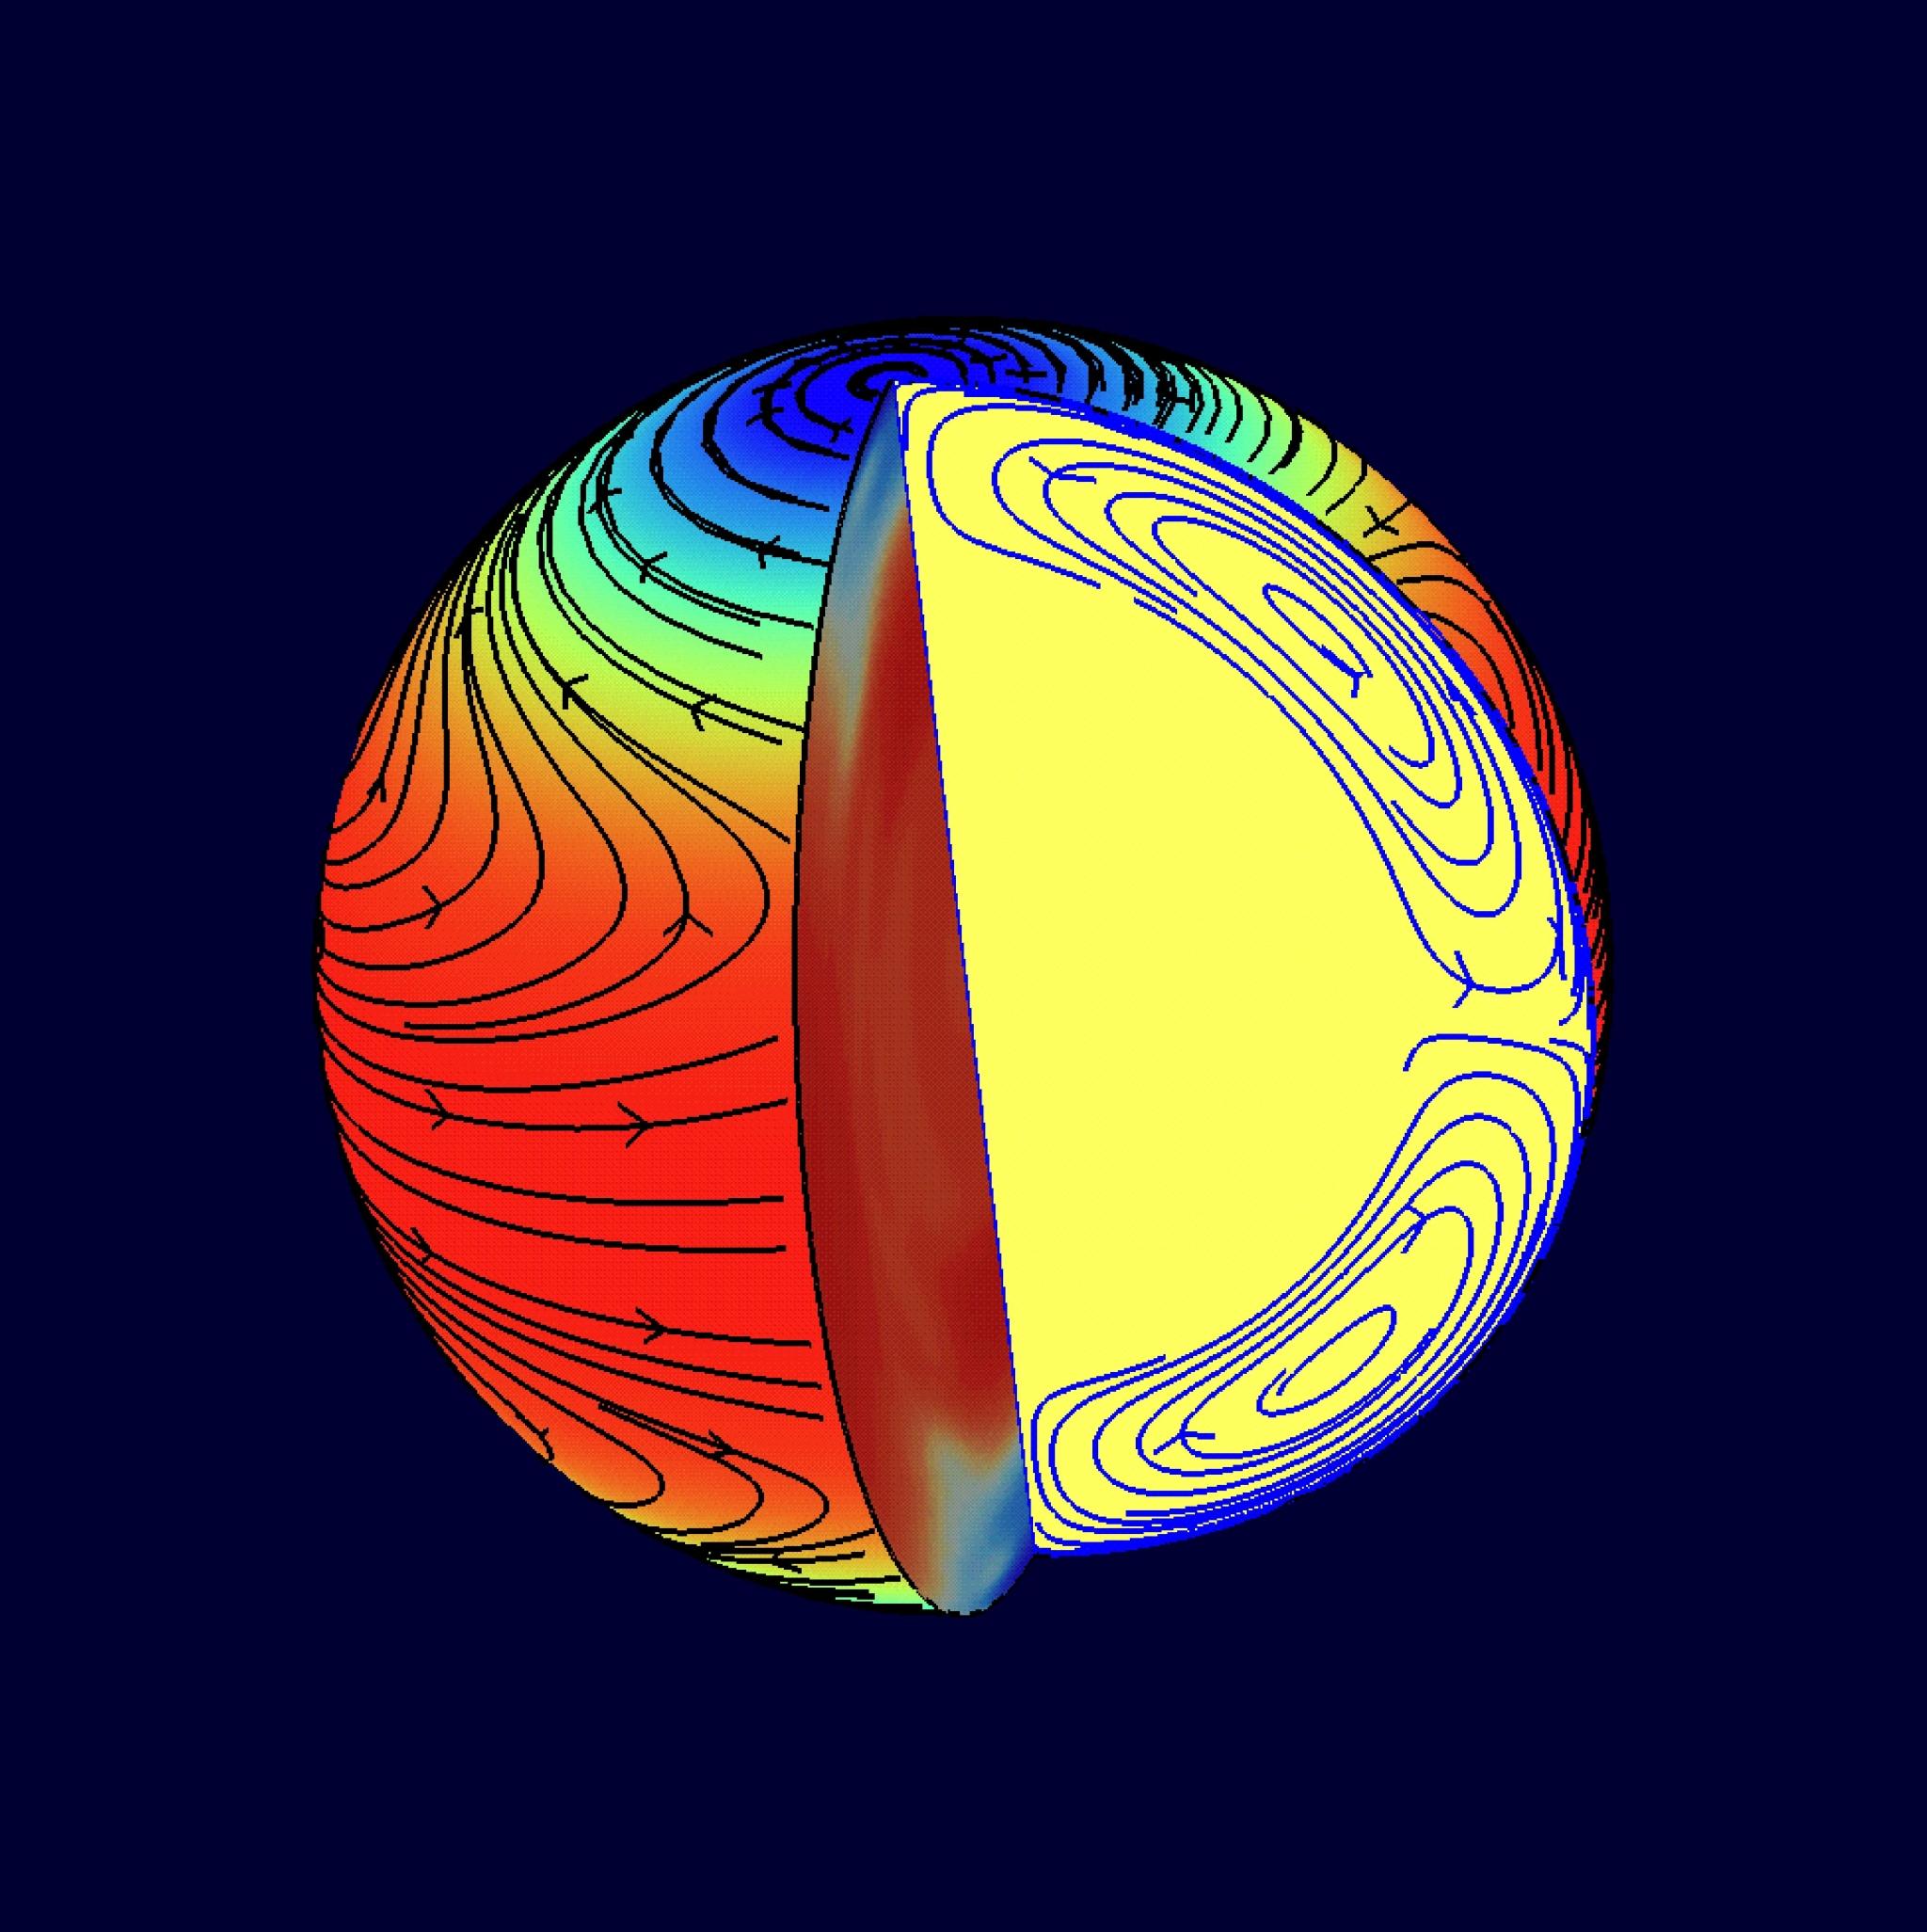 1567218090828-solar-rotation3-large.jpg